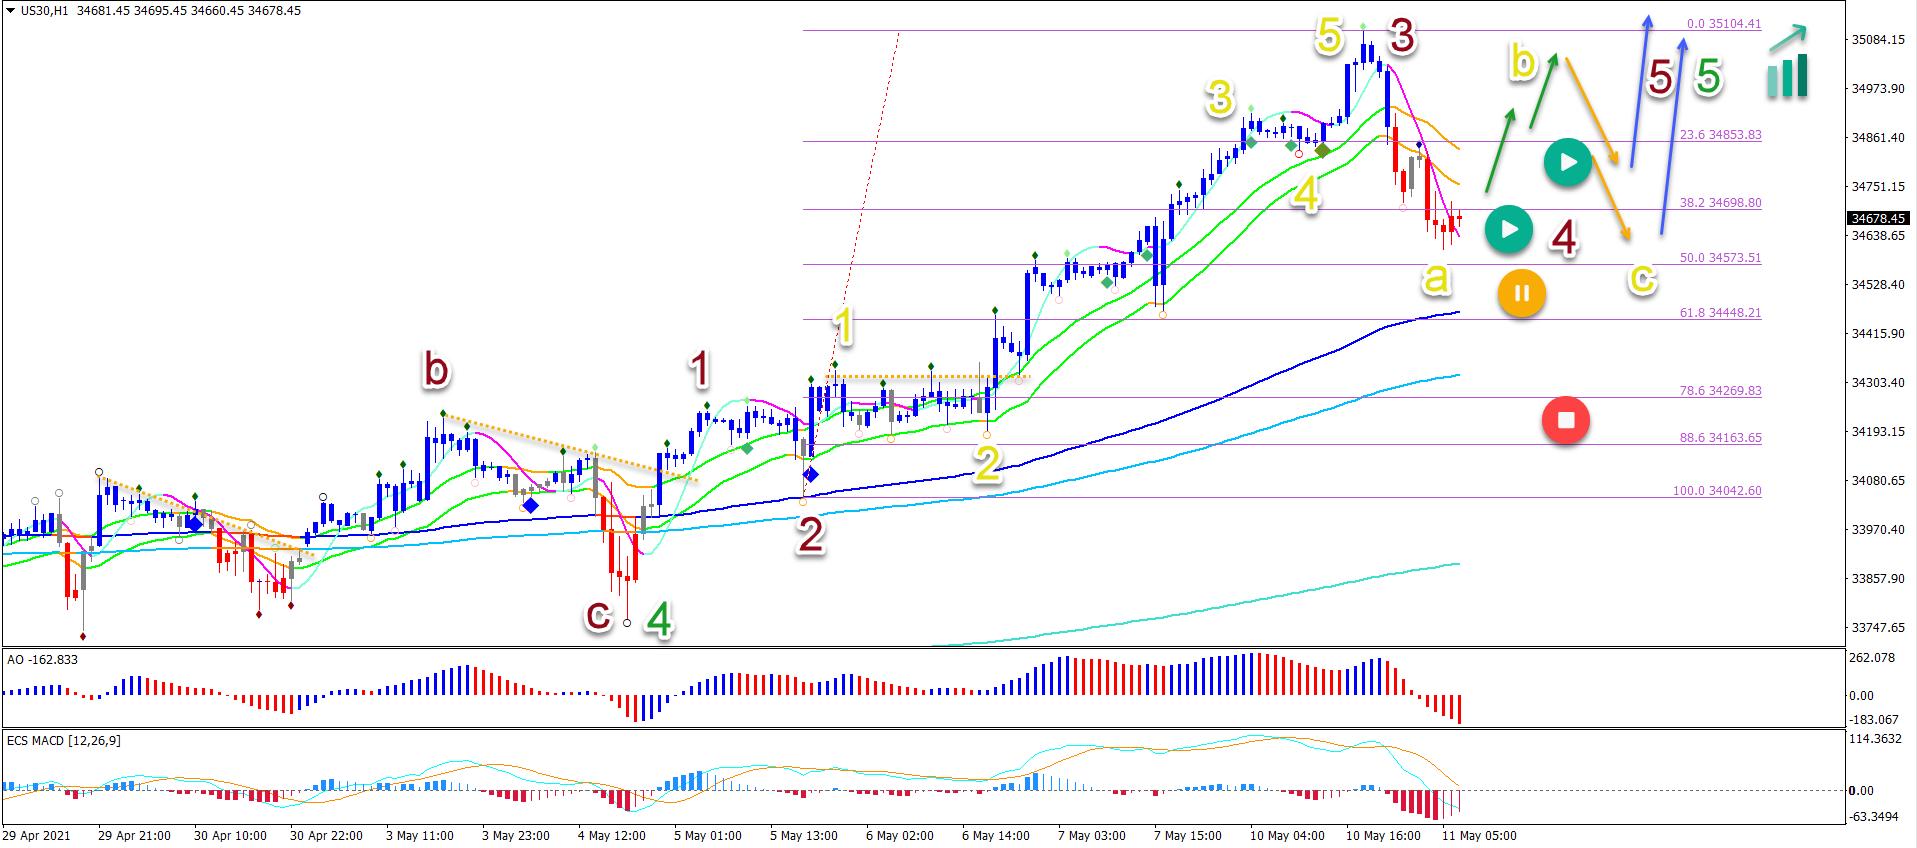 Dow Jones 11.5.2021 1  hour chart